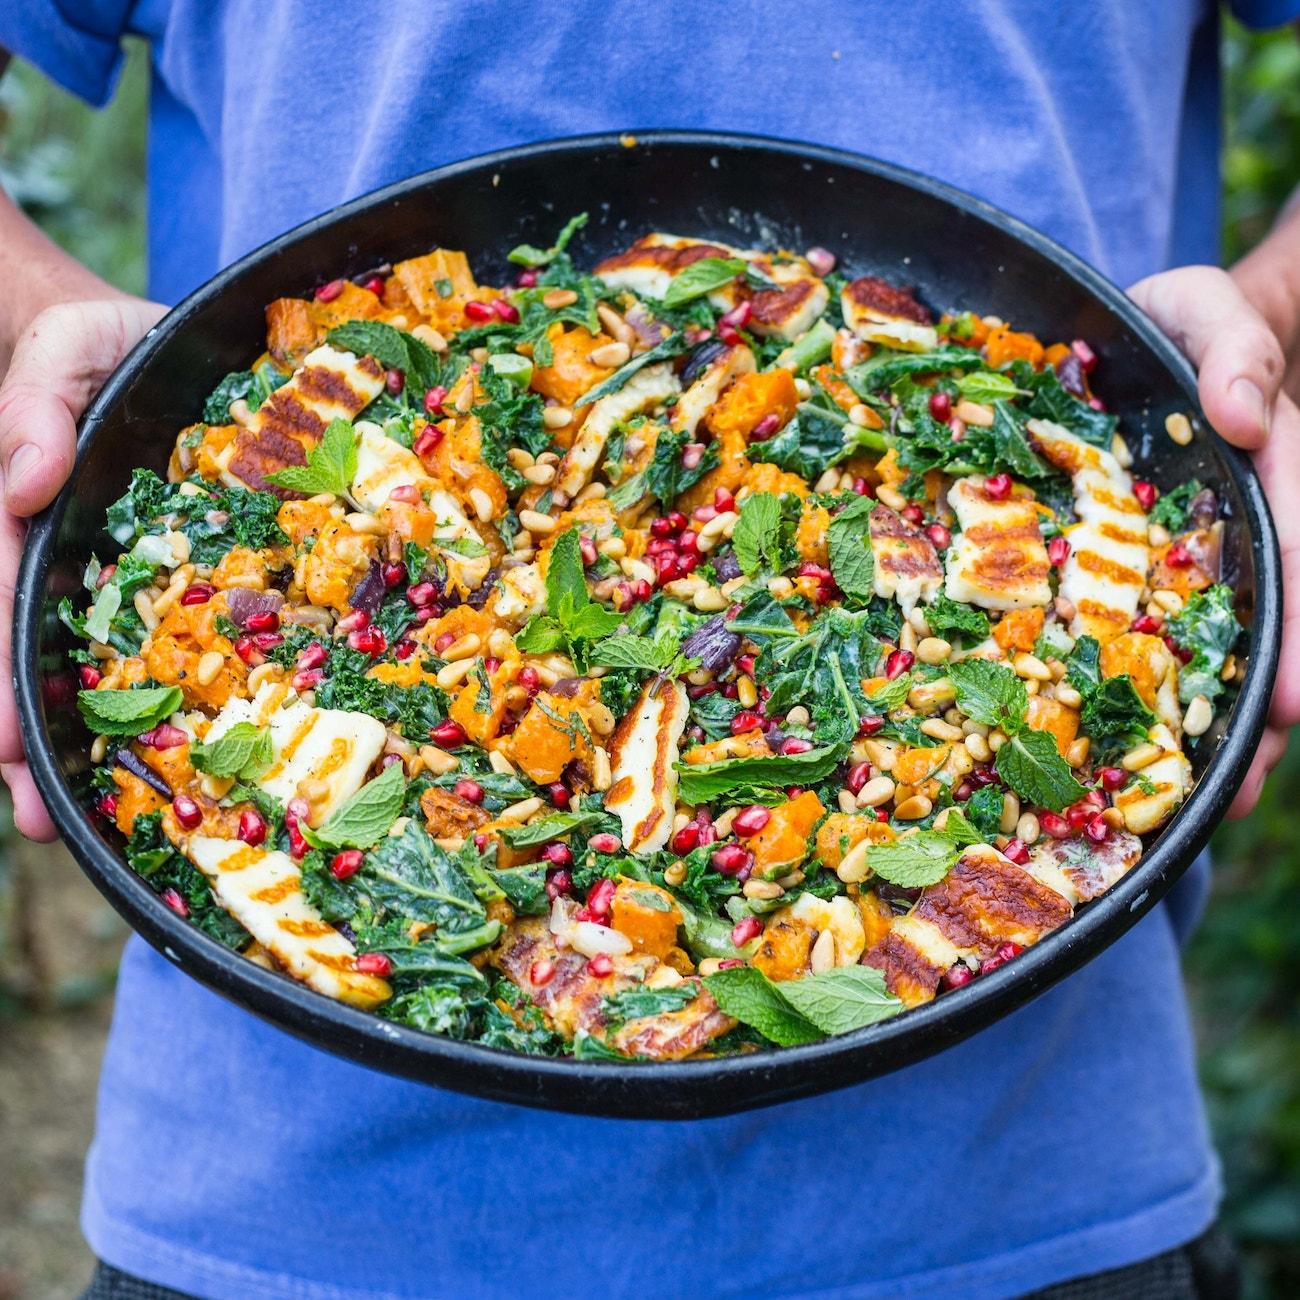 The Ultimate Halloumi Butternut Squash  Tahini Salad